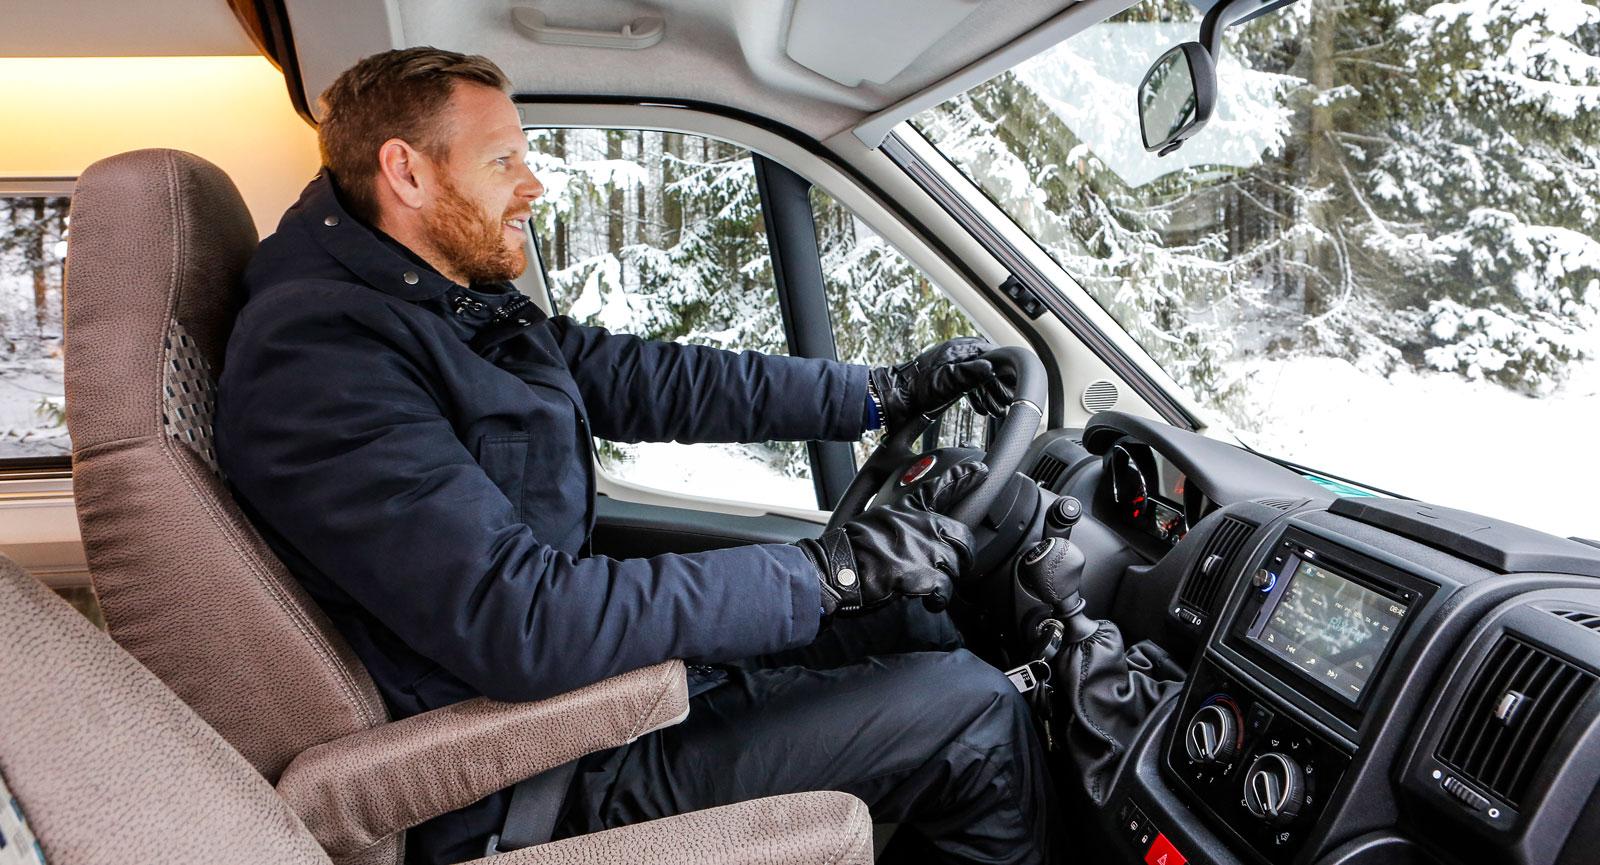 Bakom ratten är sikten god och det är lätt att hitta en bekväm körställning.